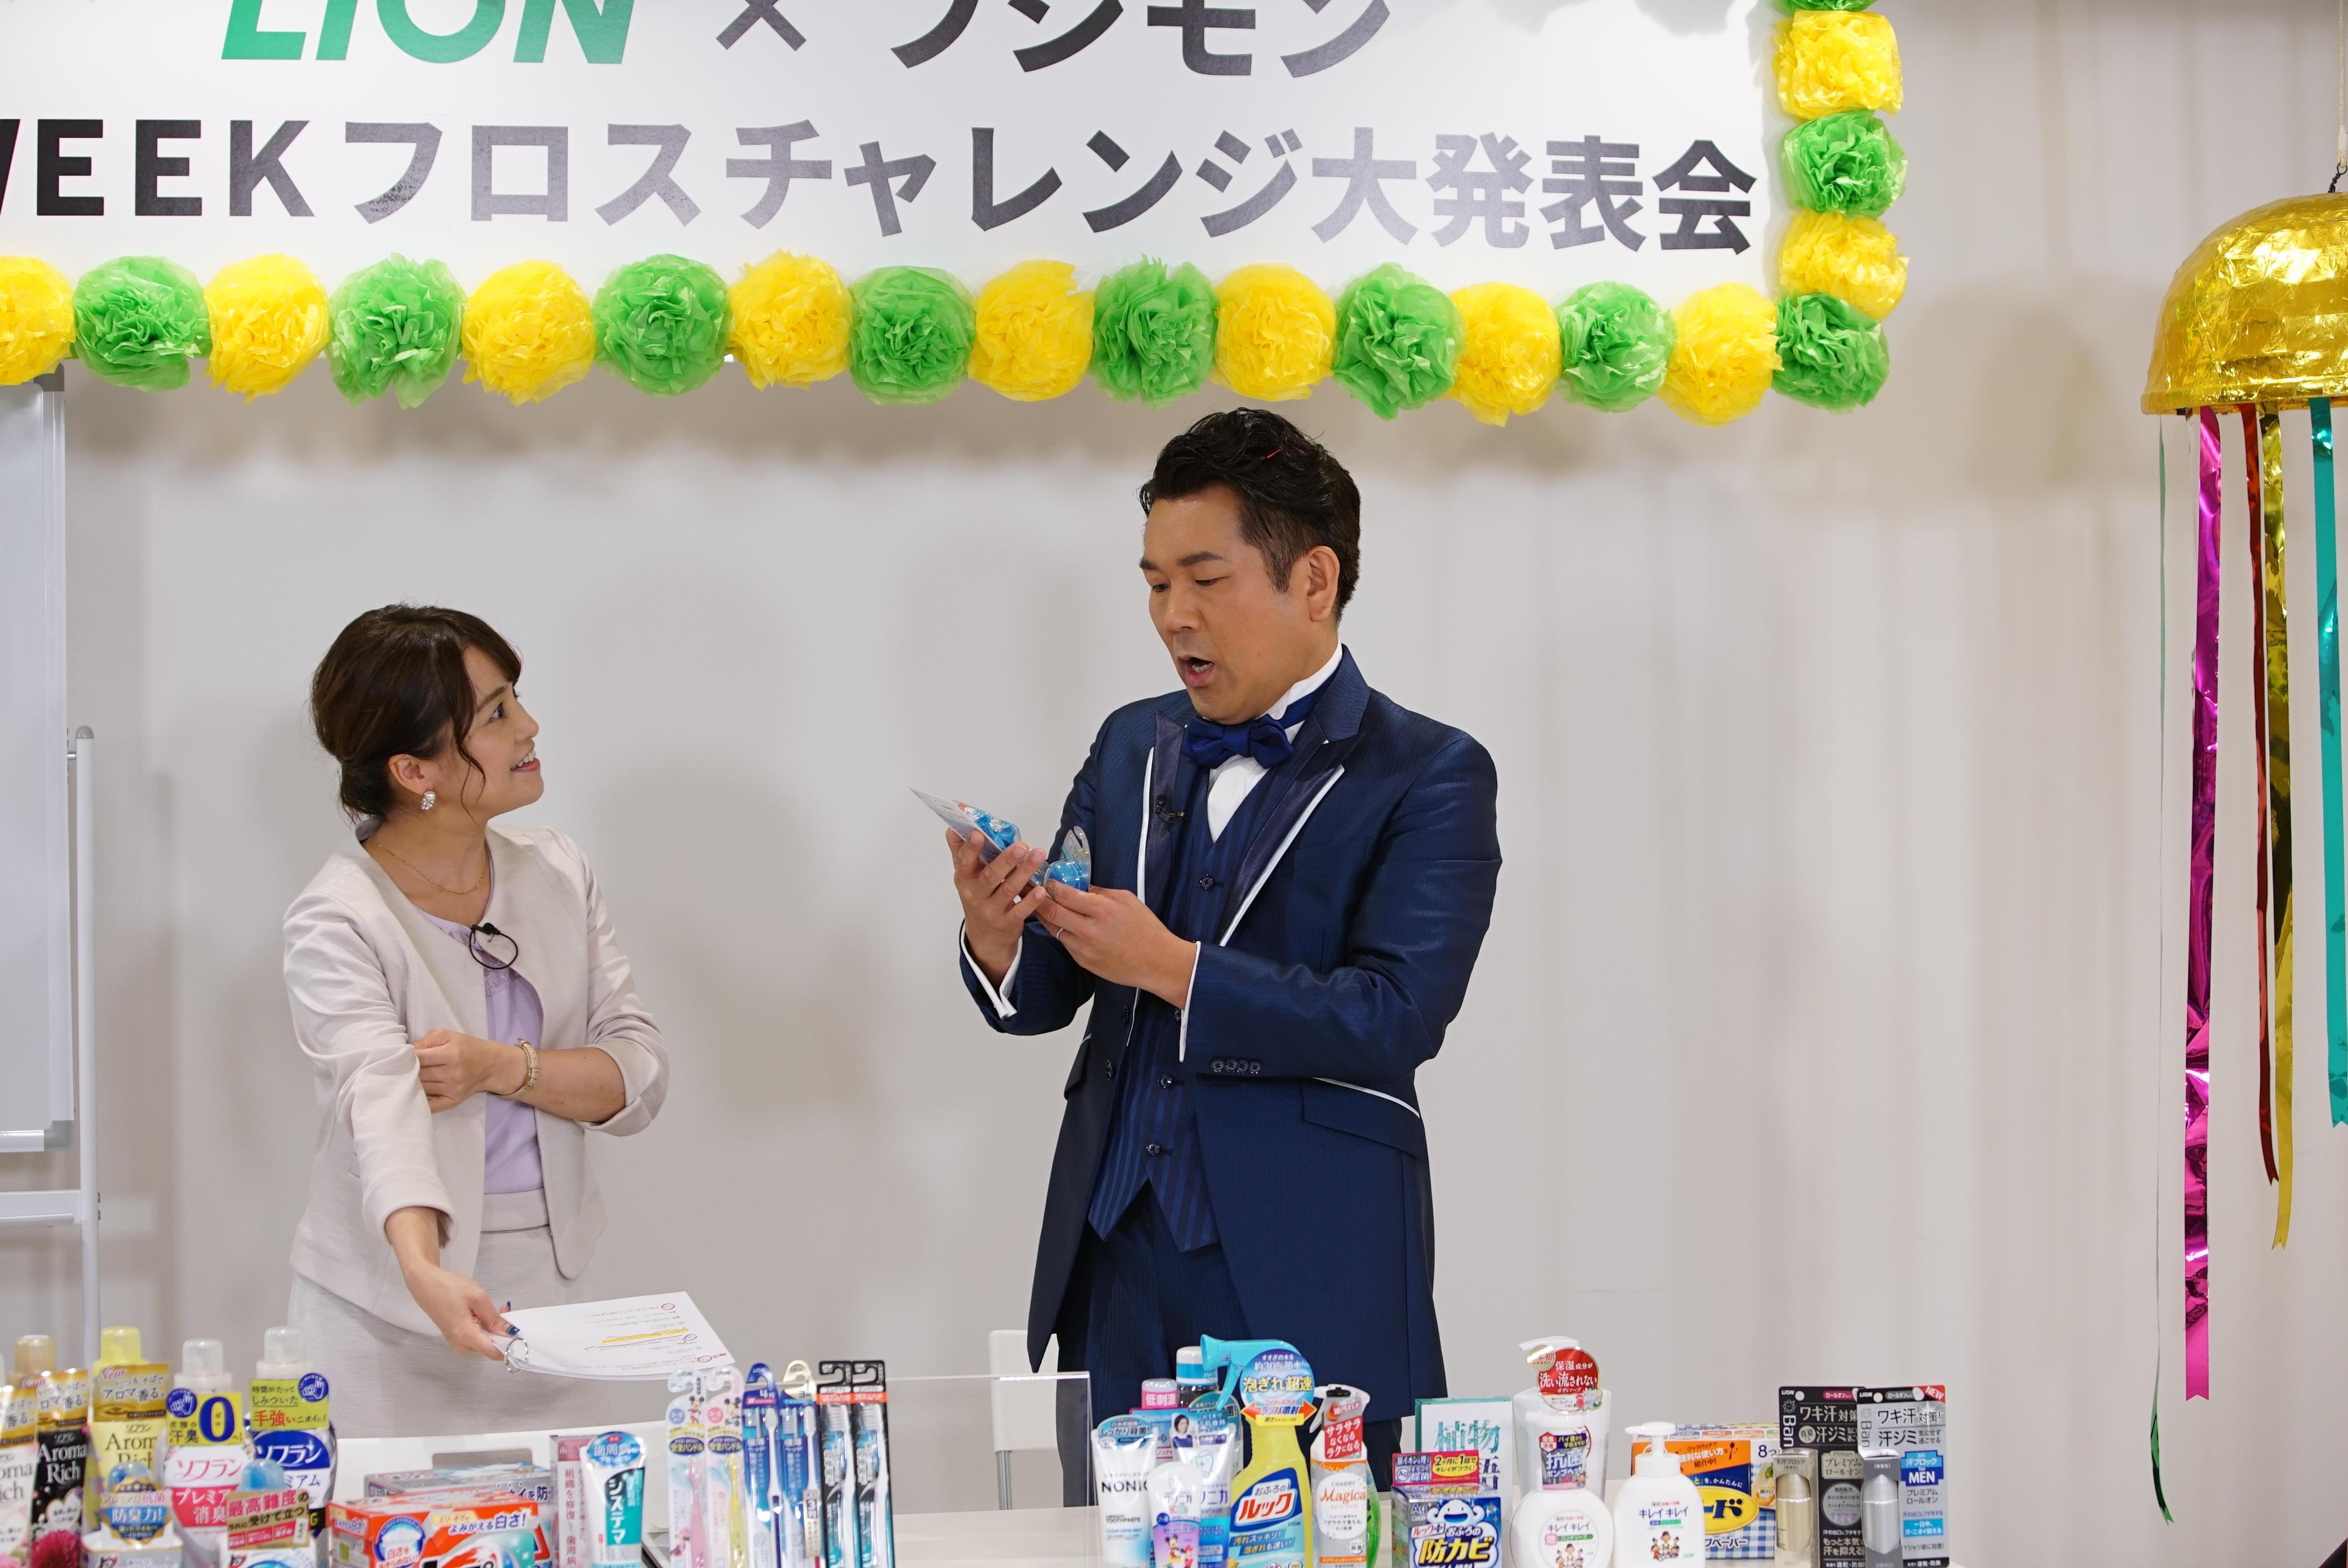 http://news.yoshimoto.co.jp/20180712103526-0ba5ff92f42805d186a68018c08cf2f1ebcf1900.jpg